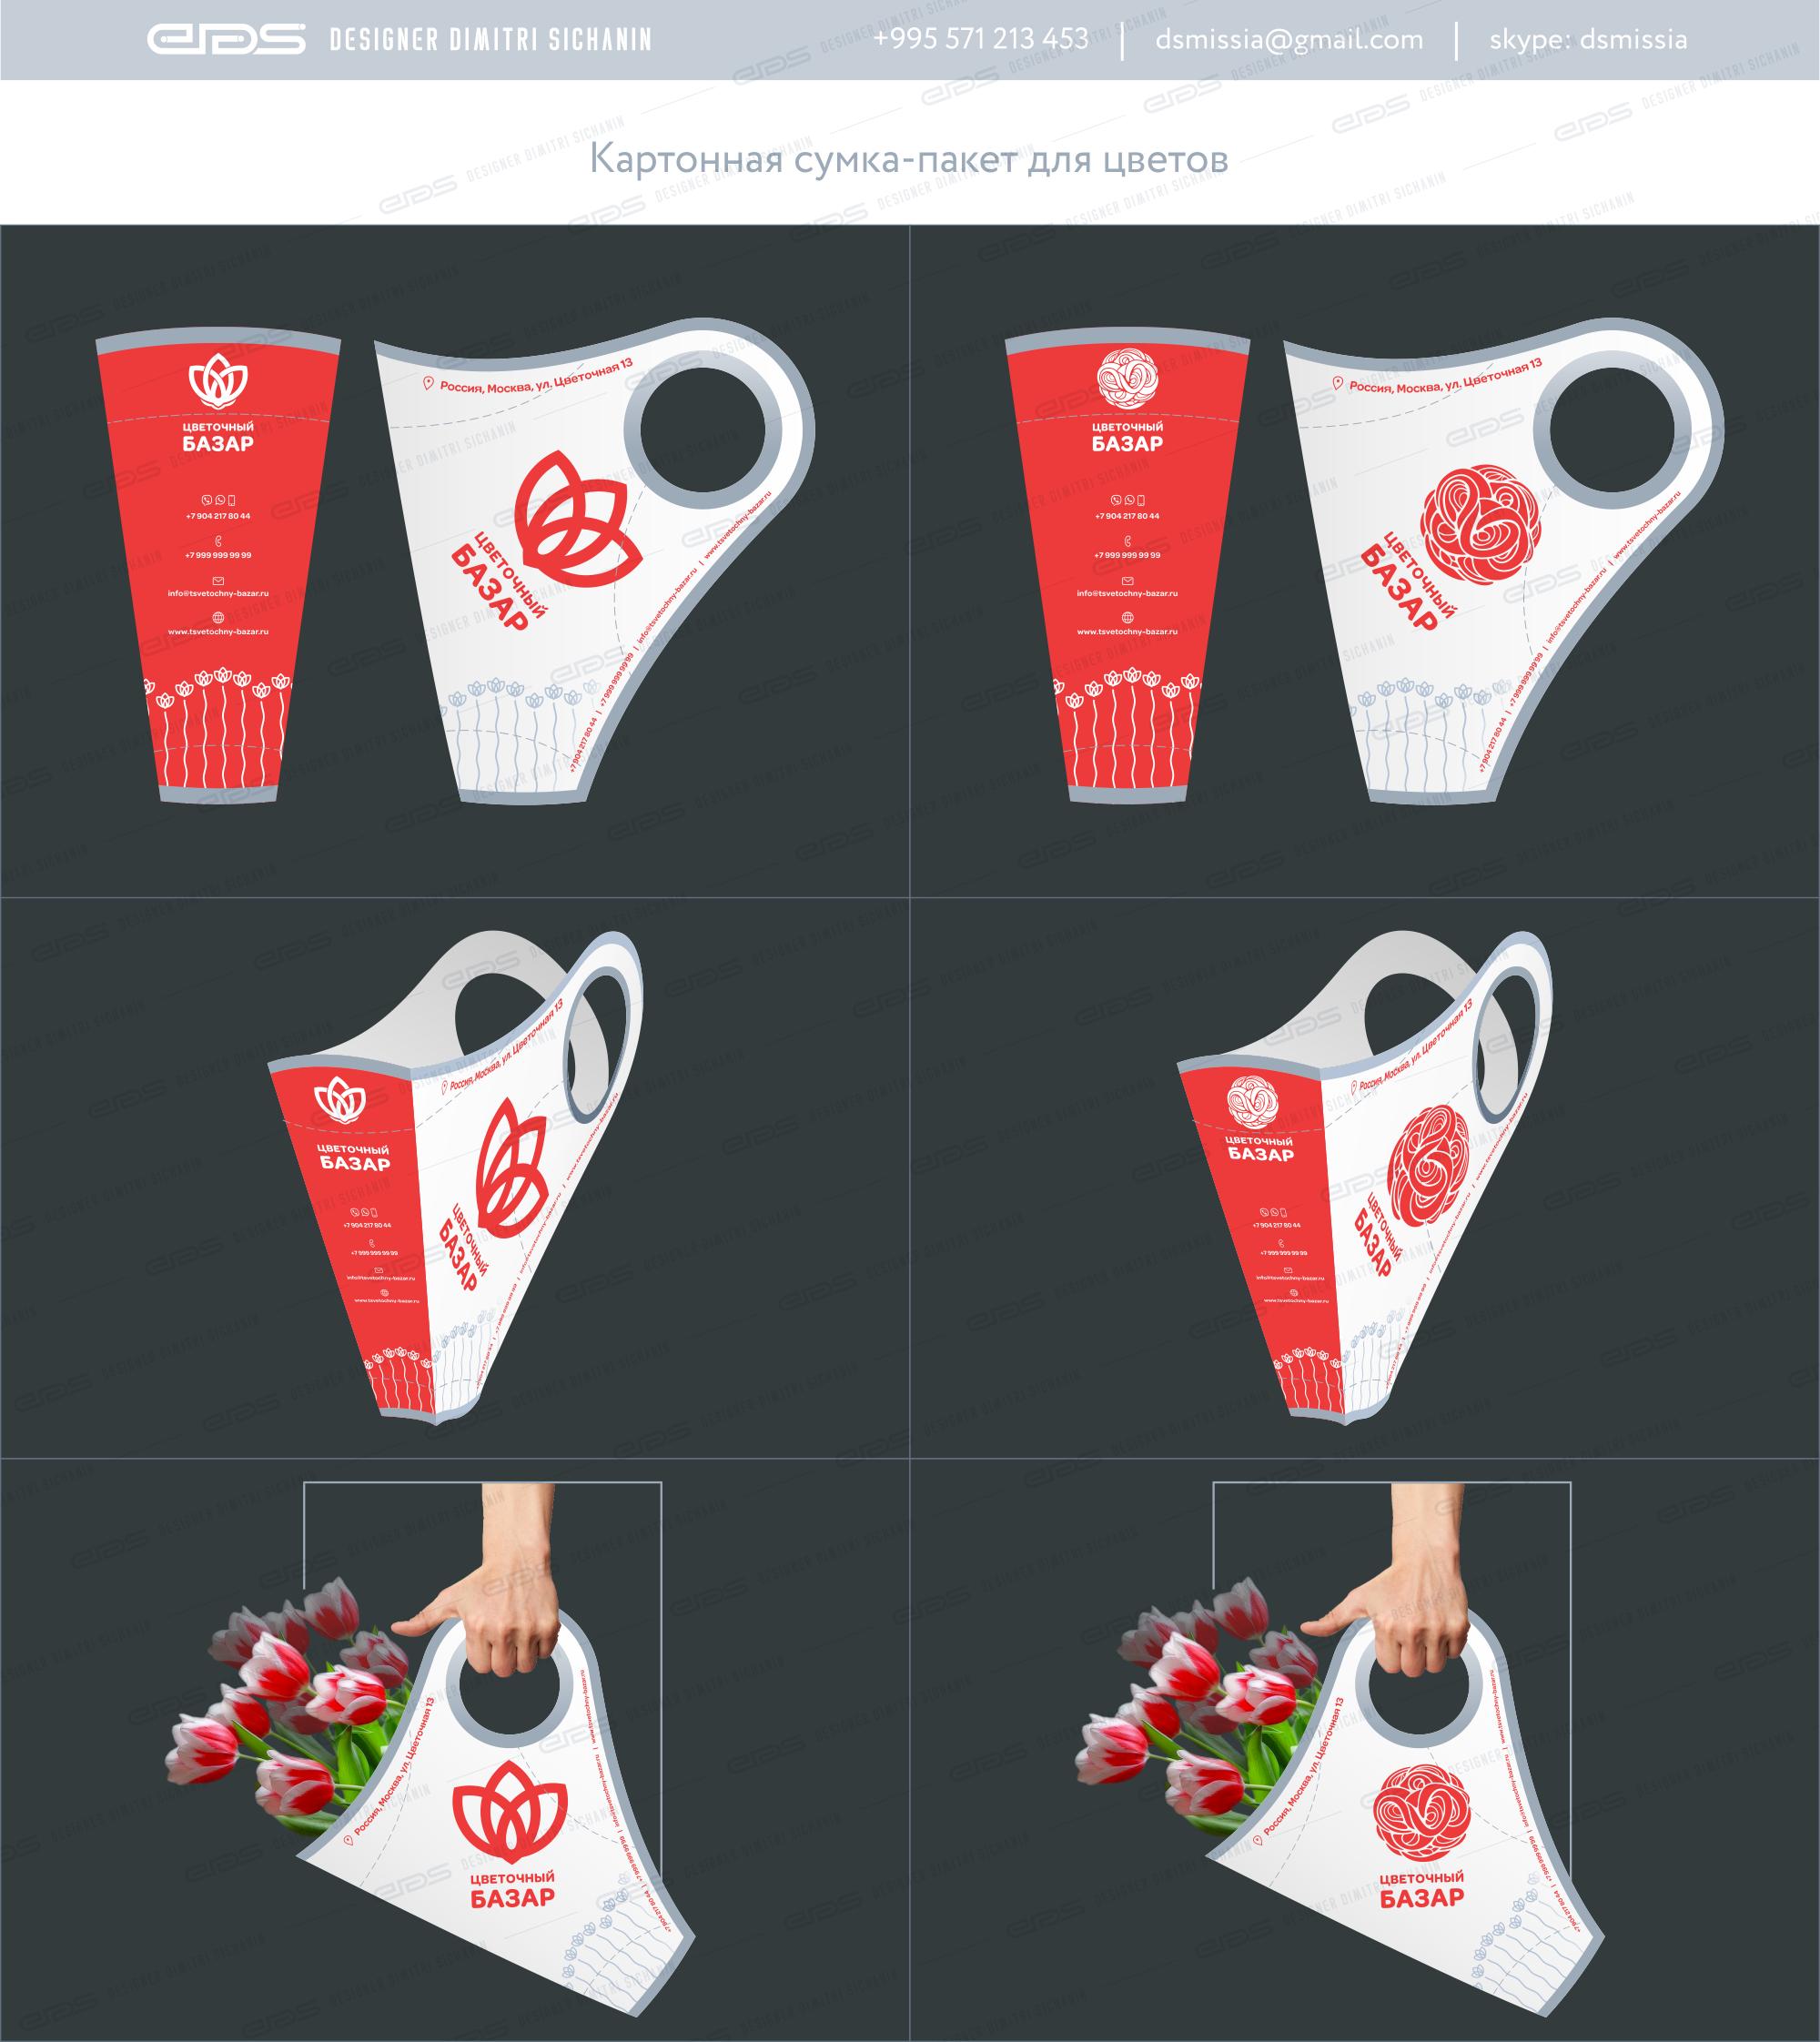 Разработка фирменного стиля для цветочного салона фото f_5985c347f52da139.png